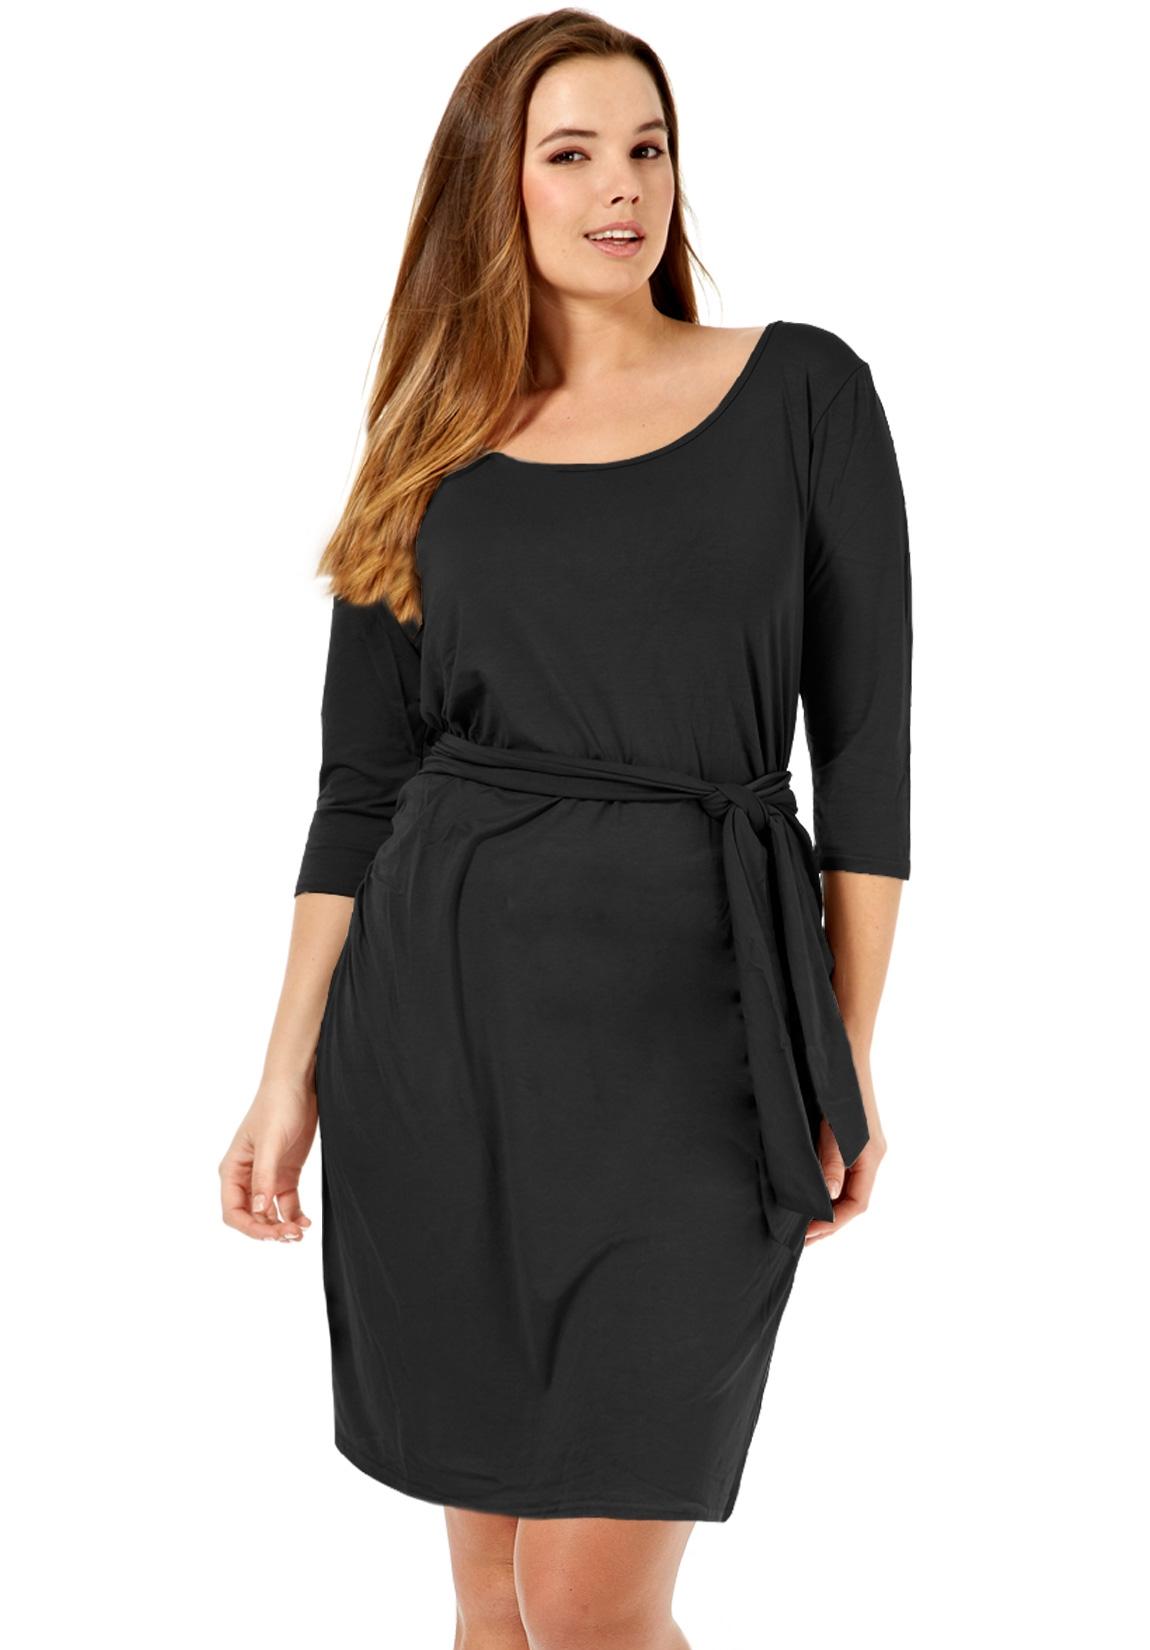 Robe noire grande taille, elle est de toutes les soirées